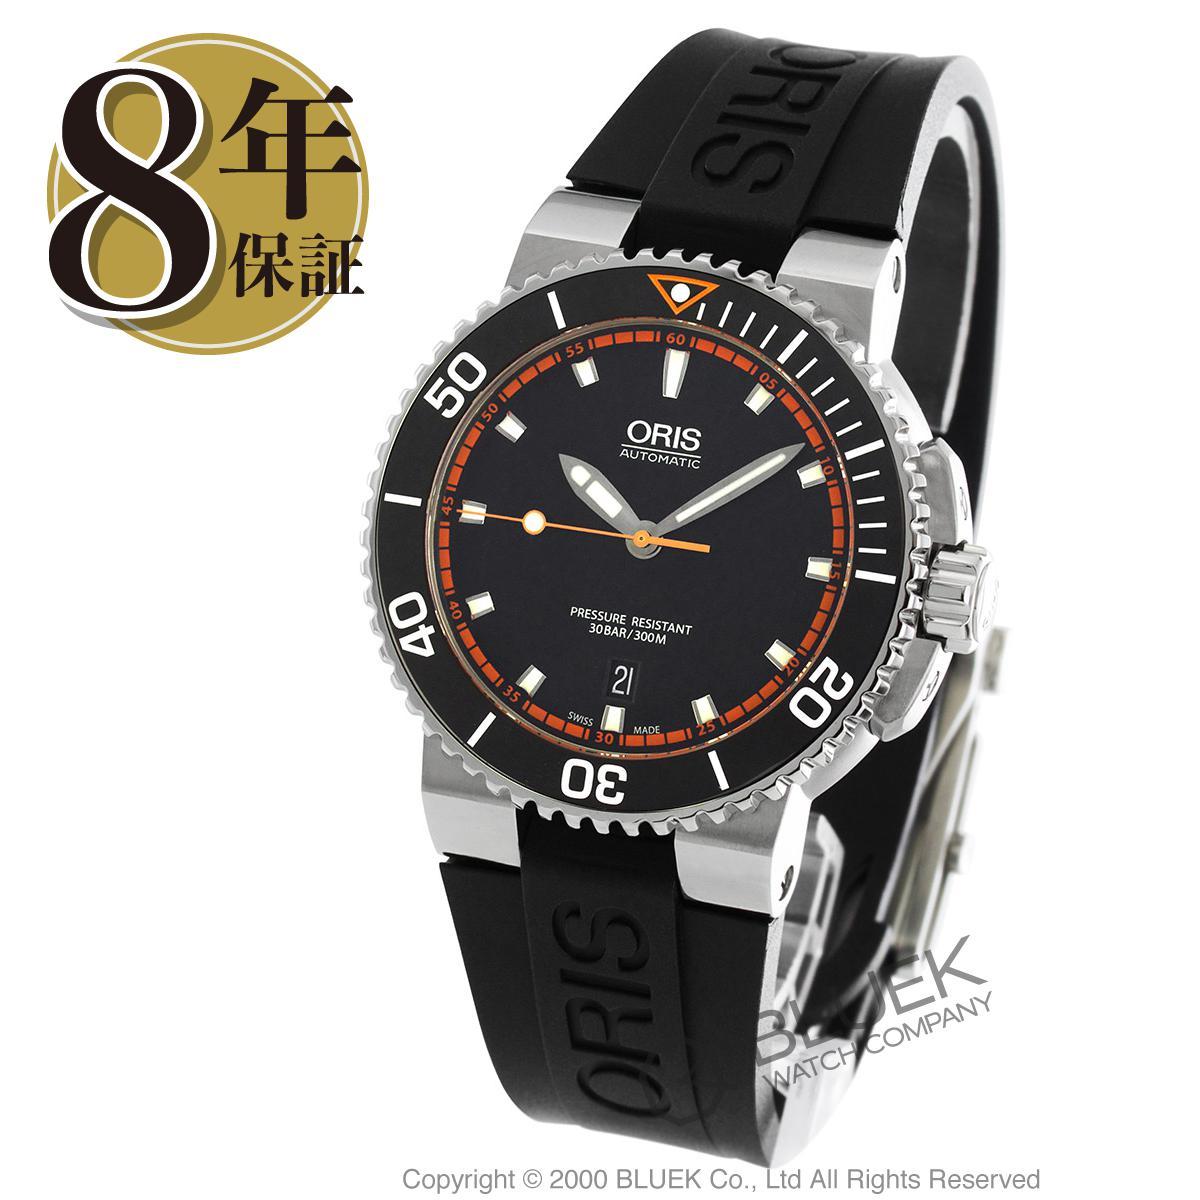 オリス ORIS 腕時計 アクイス デイト 300m防水 メンズ 733 7653 4128R_8